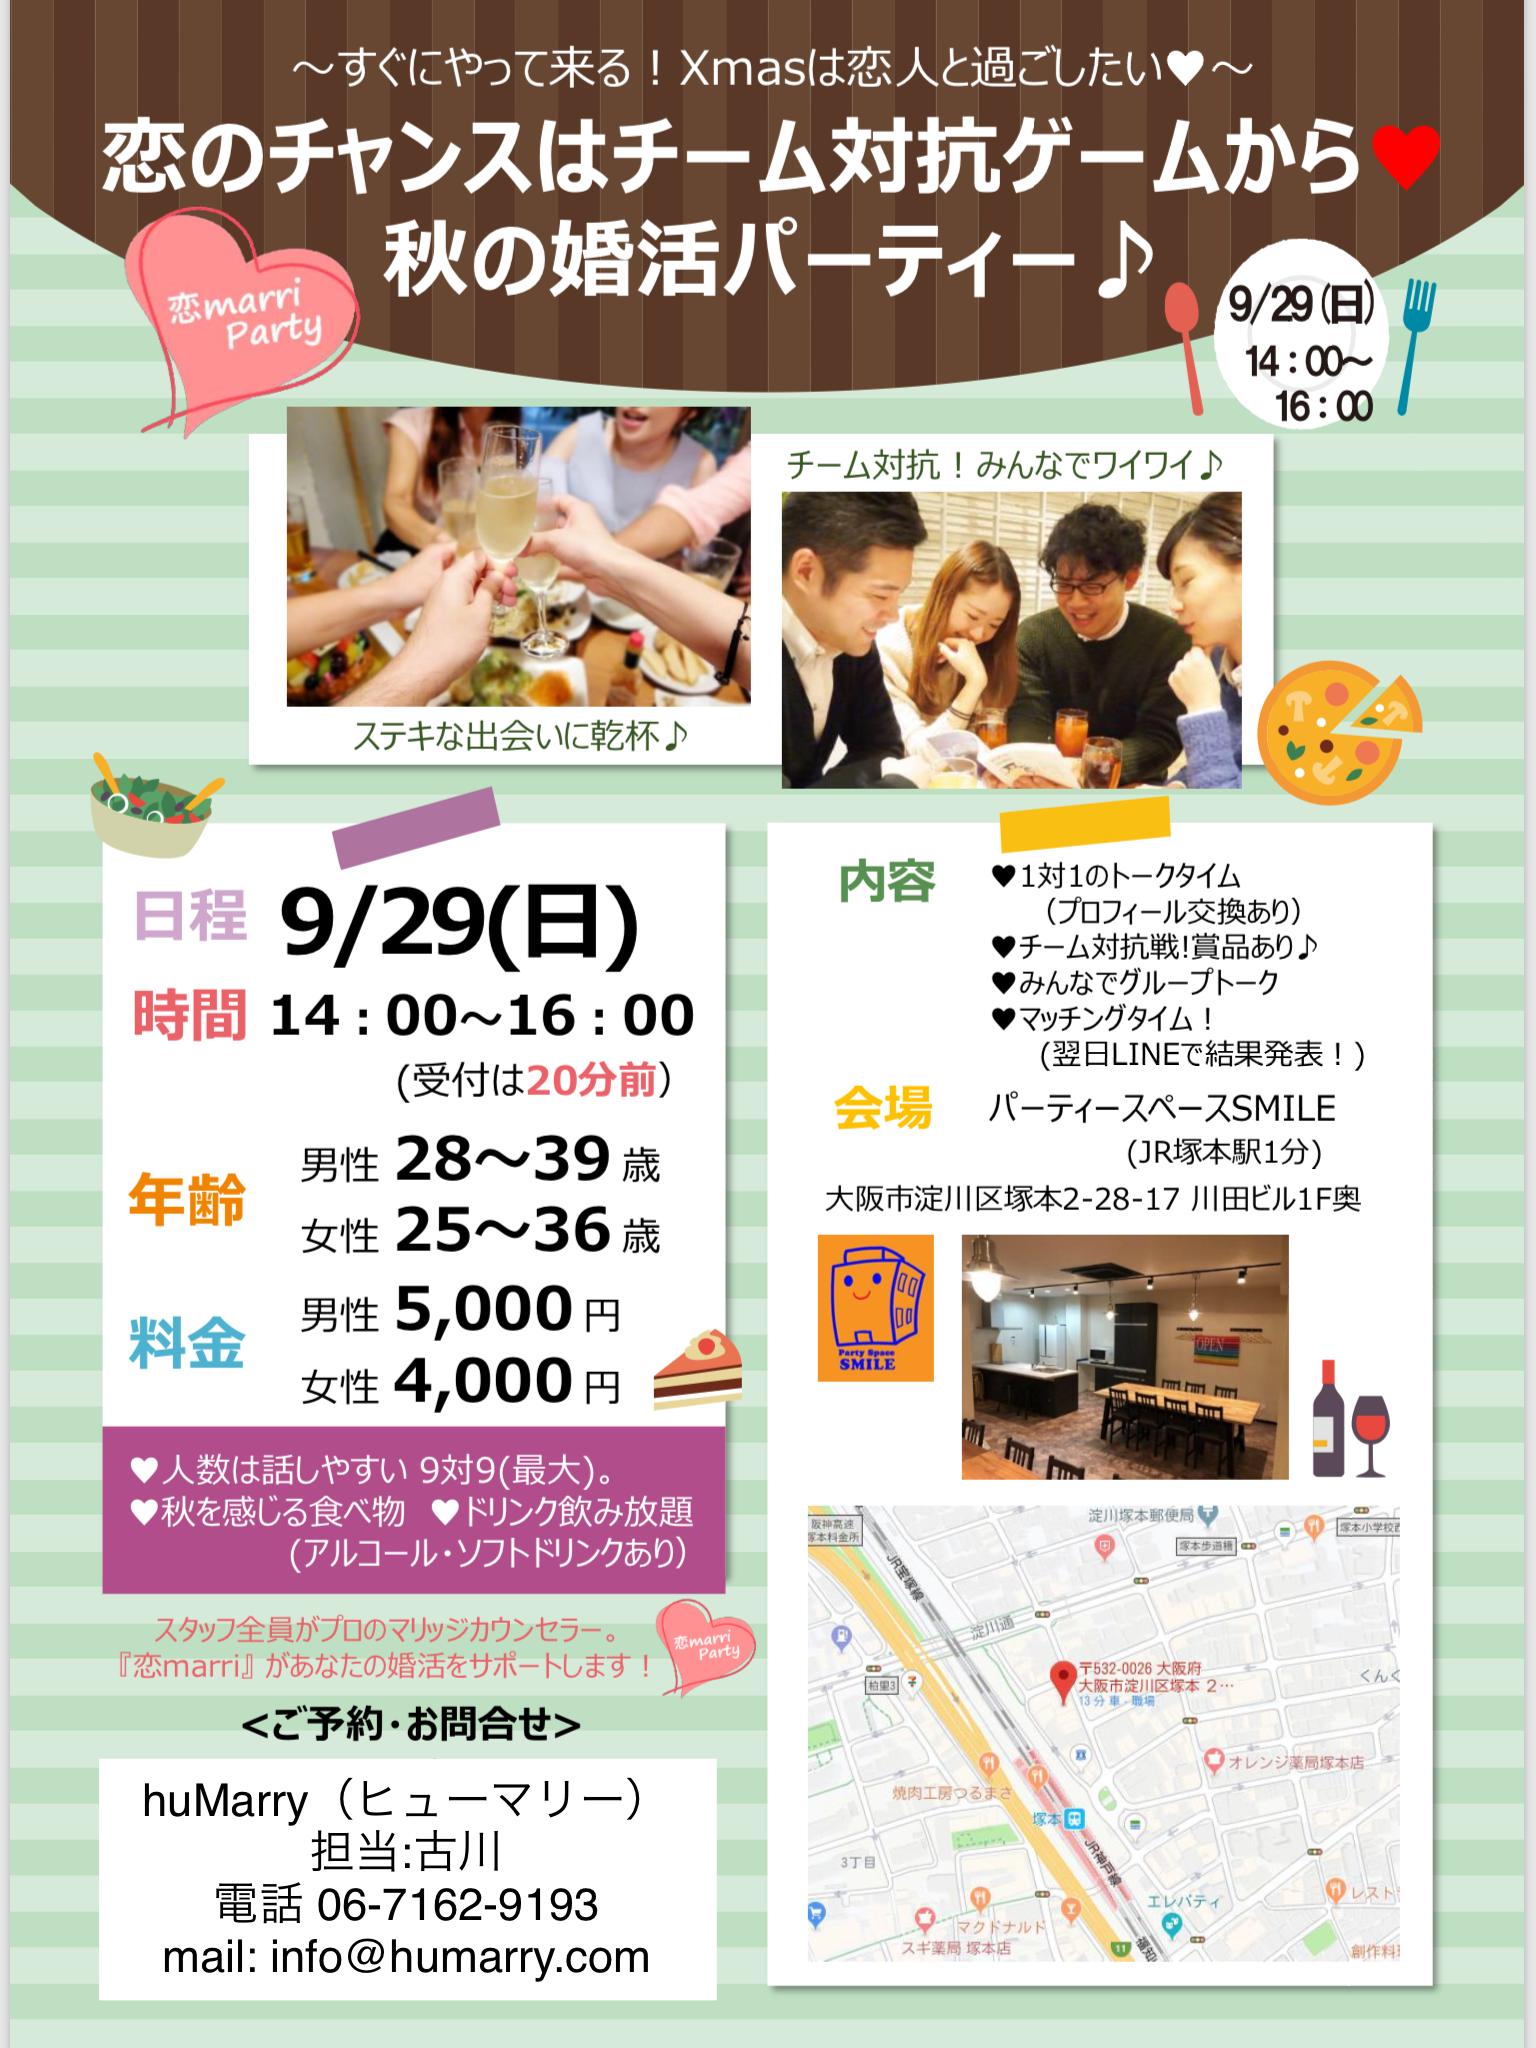 9月29日(日)チーム対抗ゲーム☆秋の婚活パーティー🎵